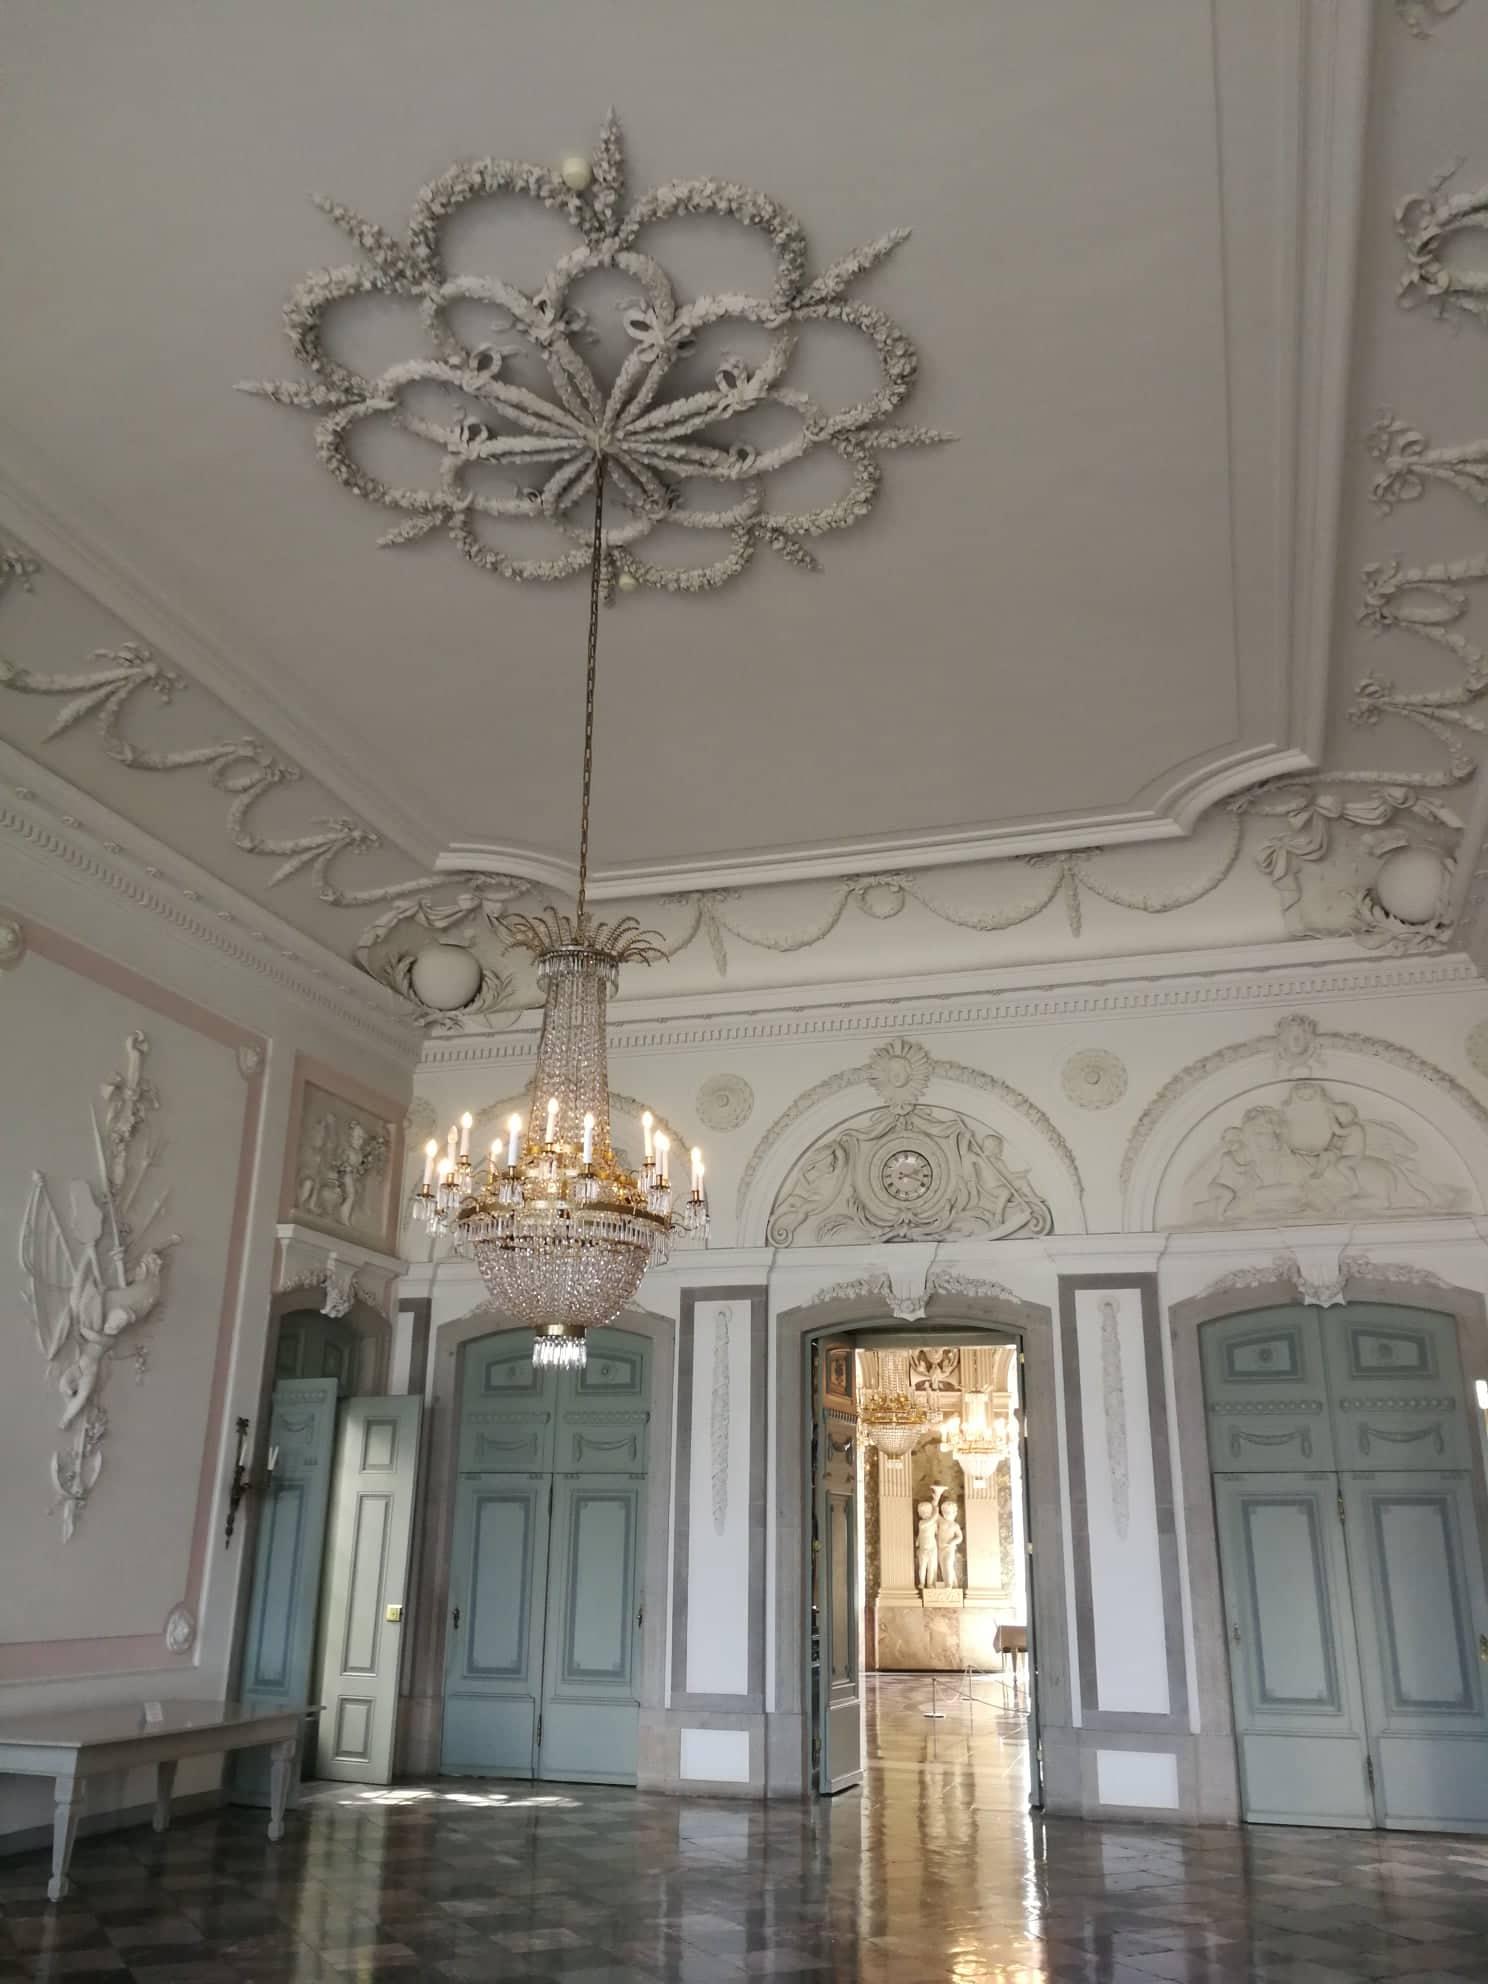 Salón a la entrada del palacio de Benrath.